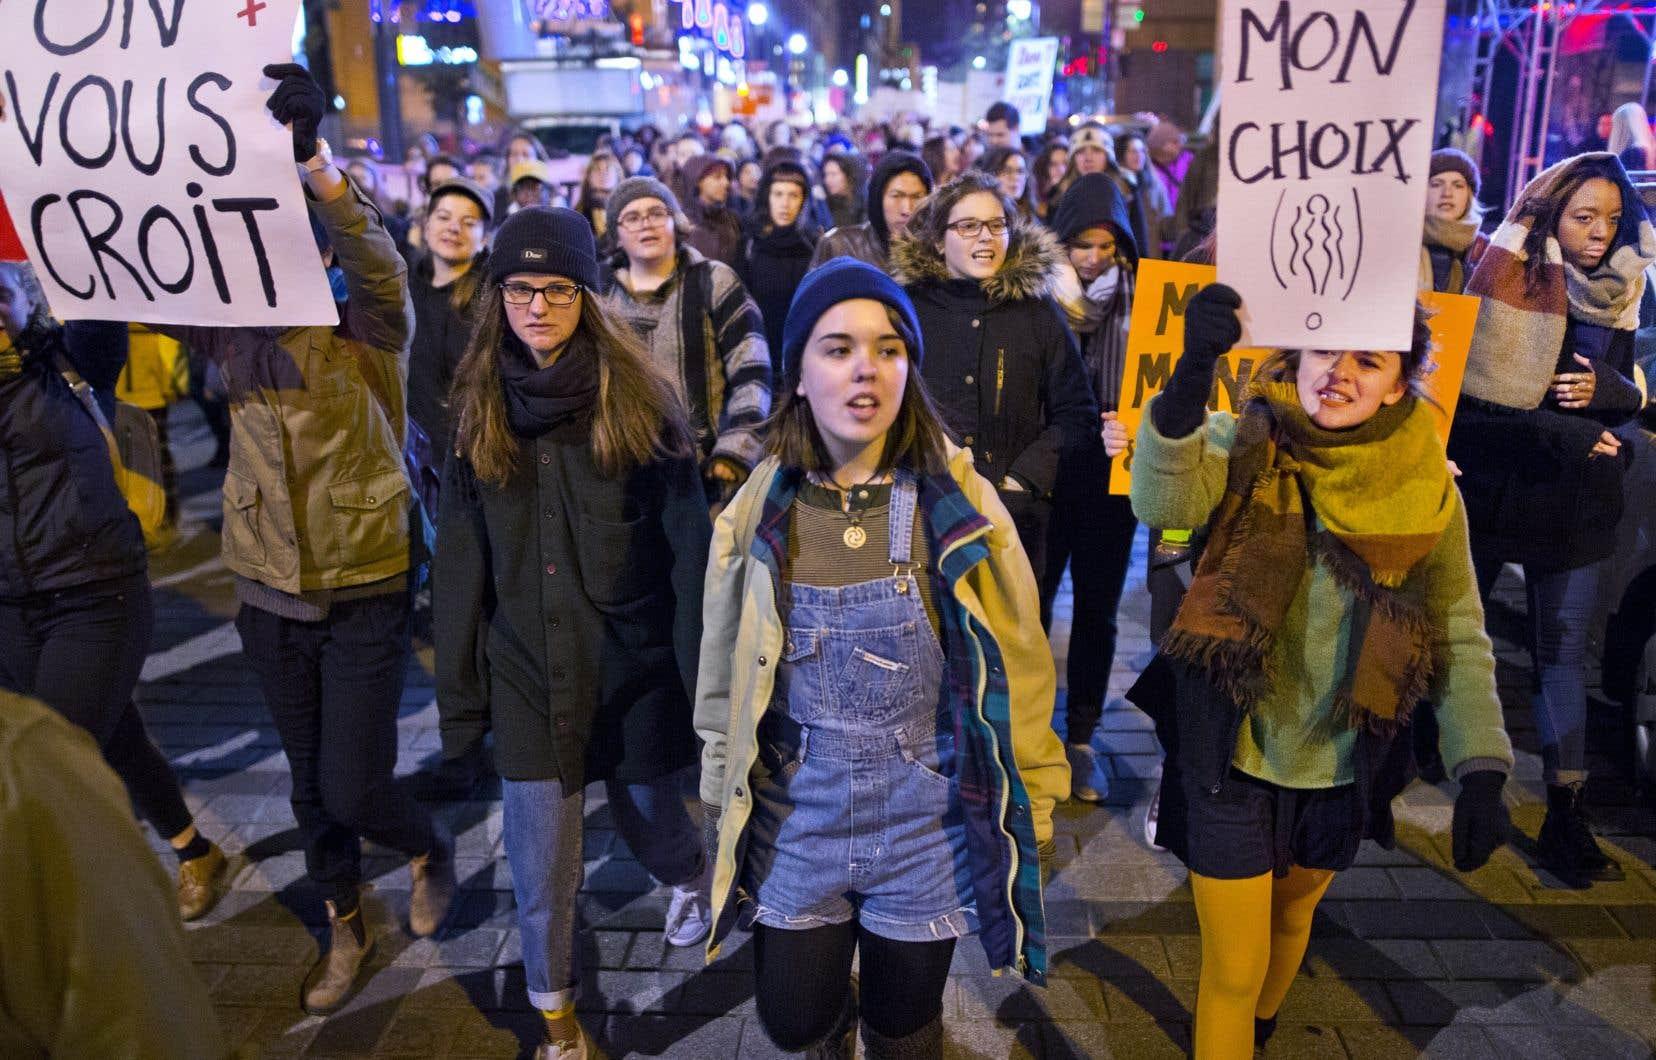 L'insatisfaction exprimée par certaines victimes d'agressions et de harcèlement sexuels à l'égard du système de justice a amené dans la dernière année plusieurs institutions à revoir leurs façons de faire.